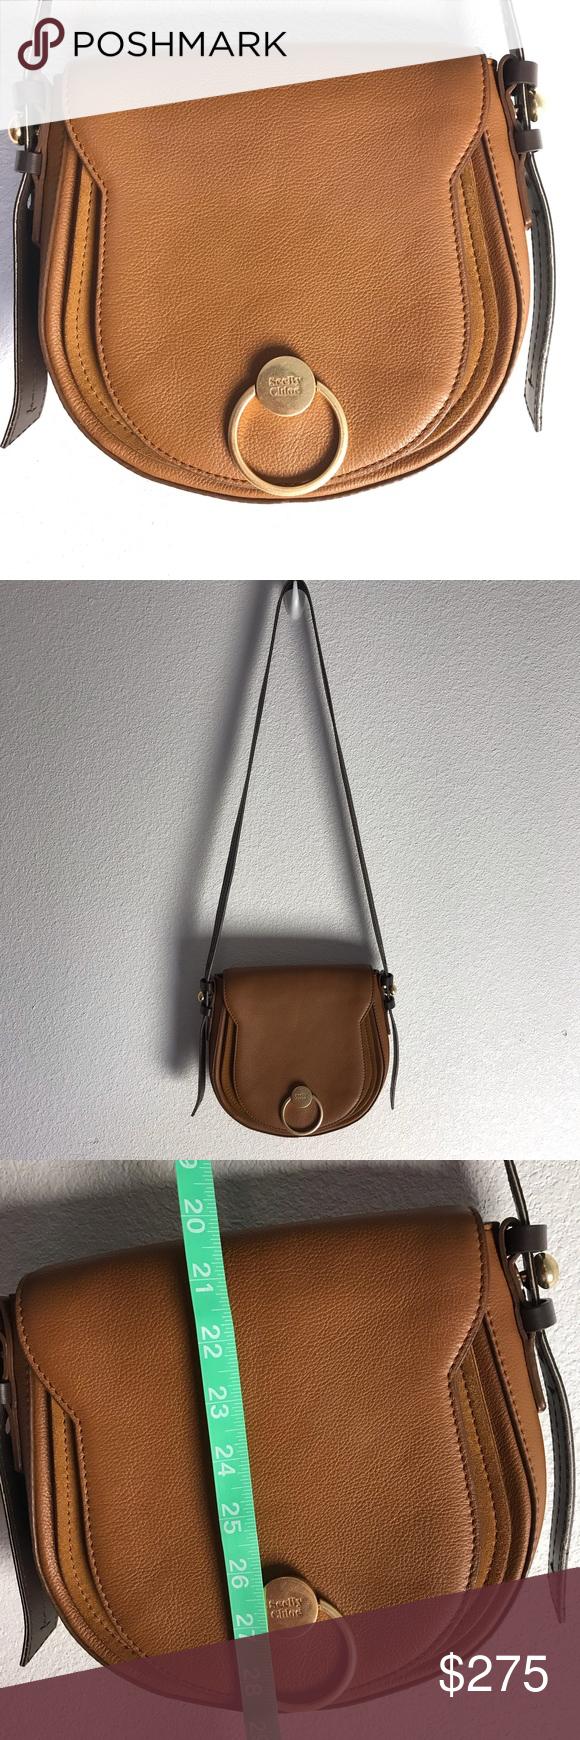 SEE by Chloe saddle bag in 2020 | See by chloe bags, Bags